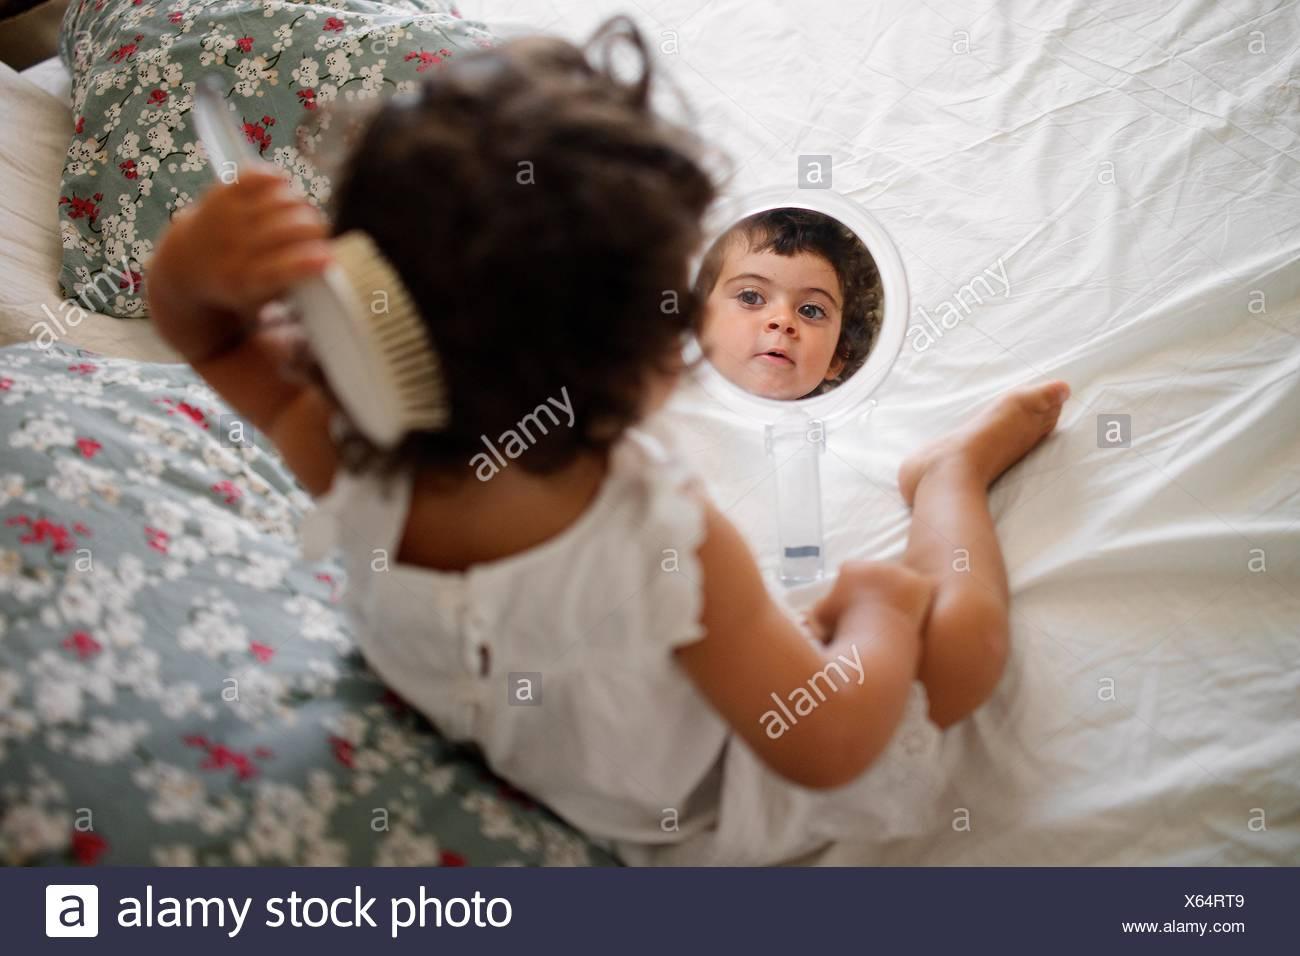 Mädchen (2-3) Kämmen Haare auf dem Bett mit Spiegel Stockfoto